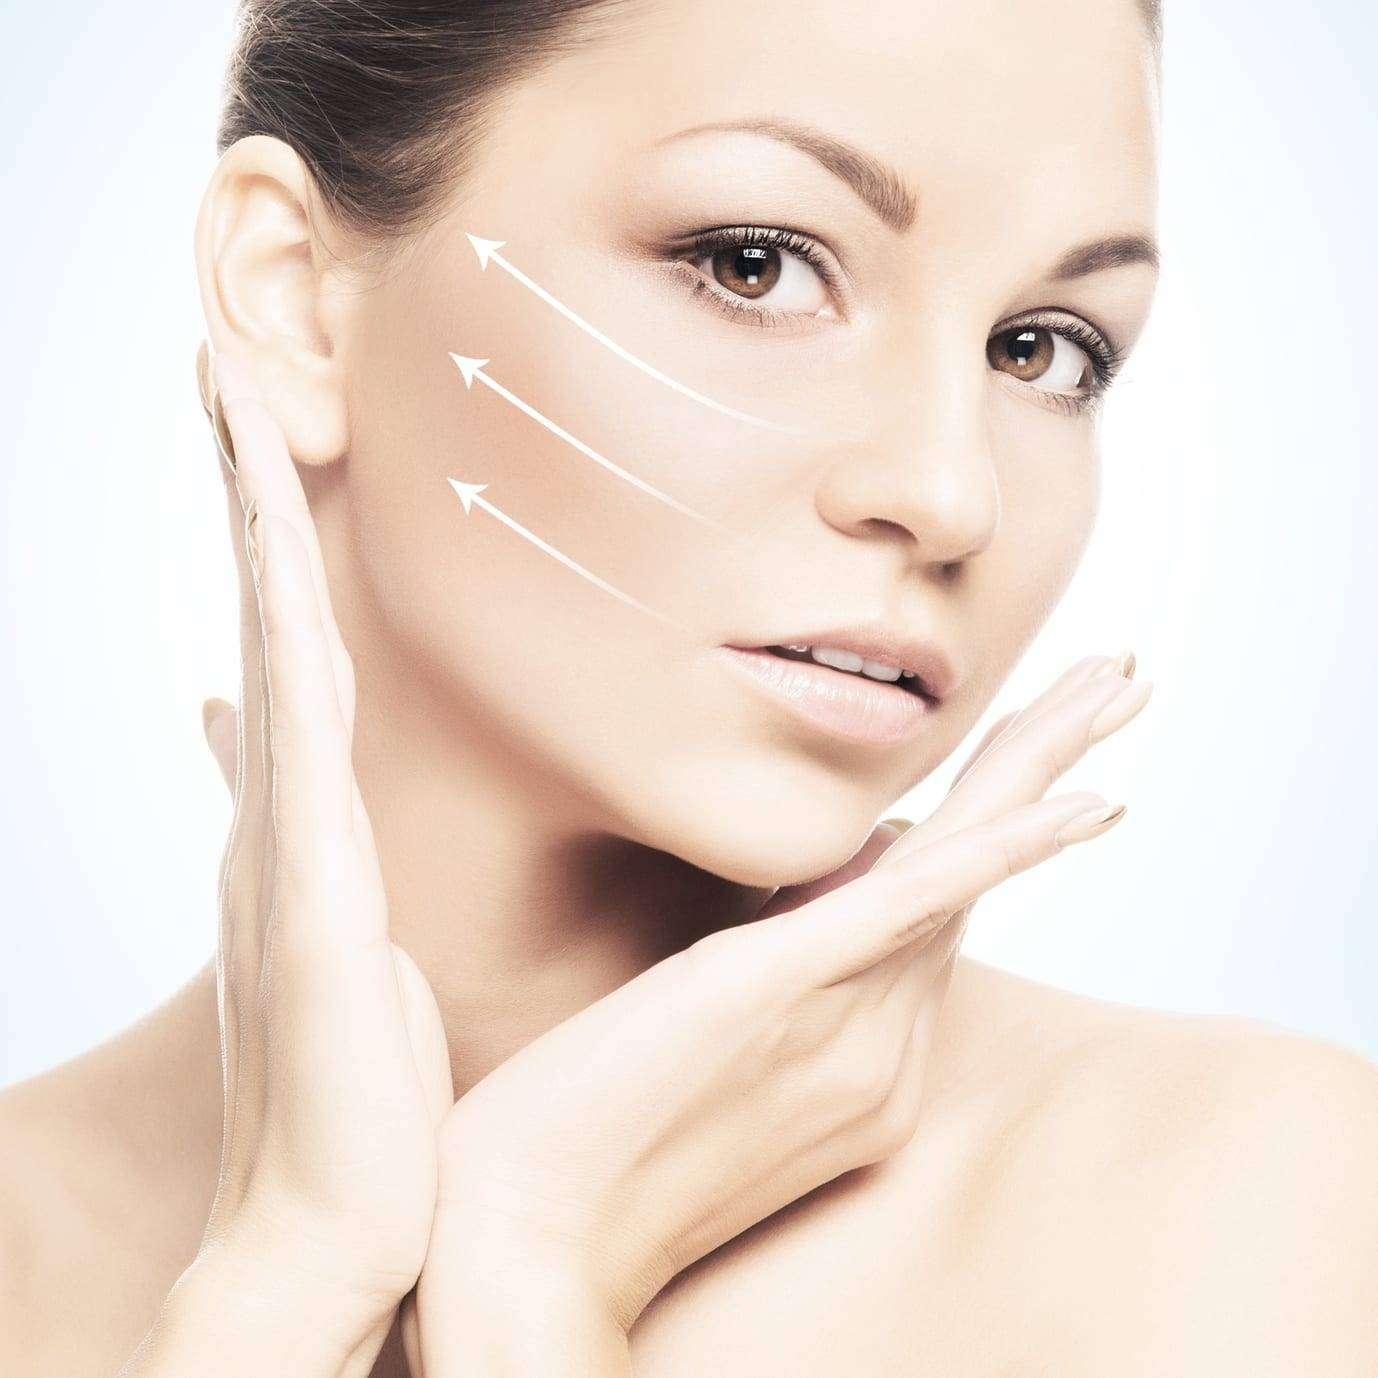 Kondycja-skóry-szyi-w-90-procentach-zależy-od-nas-samych